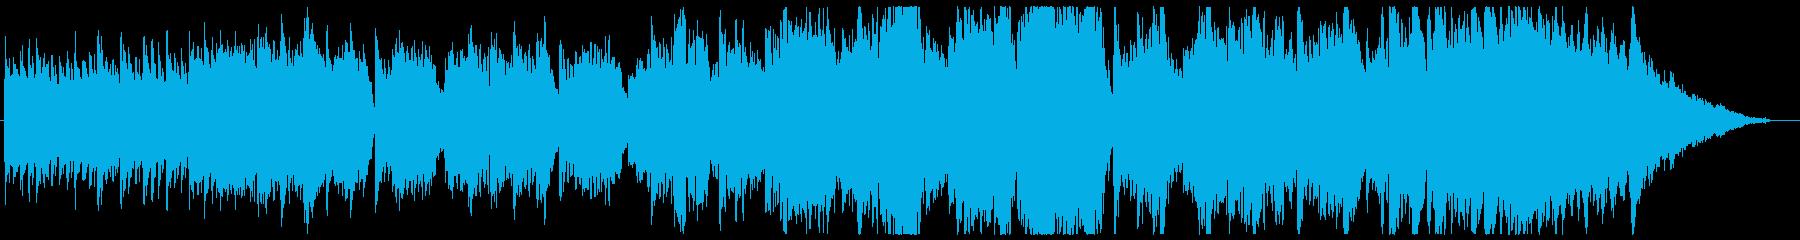 ノスタルジックでホノボノしたインストの再生済みの波形